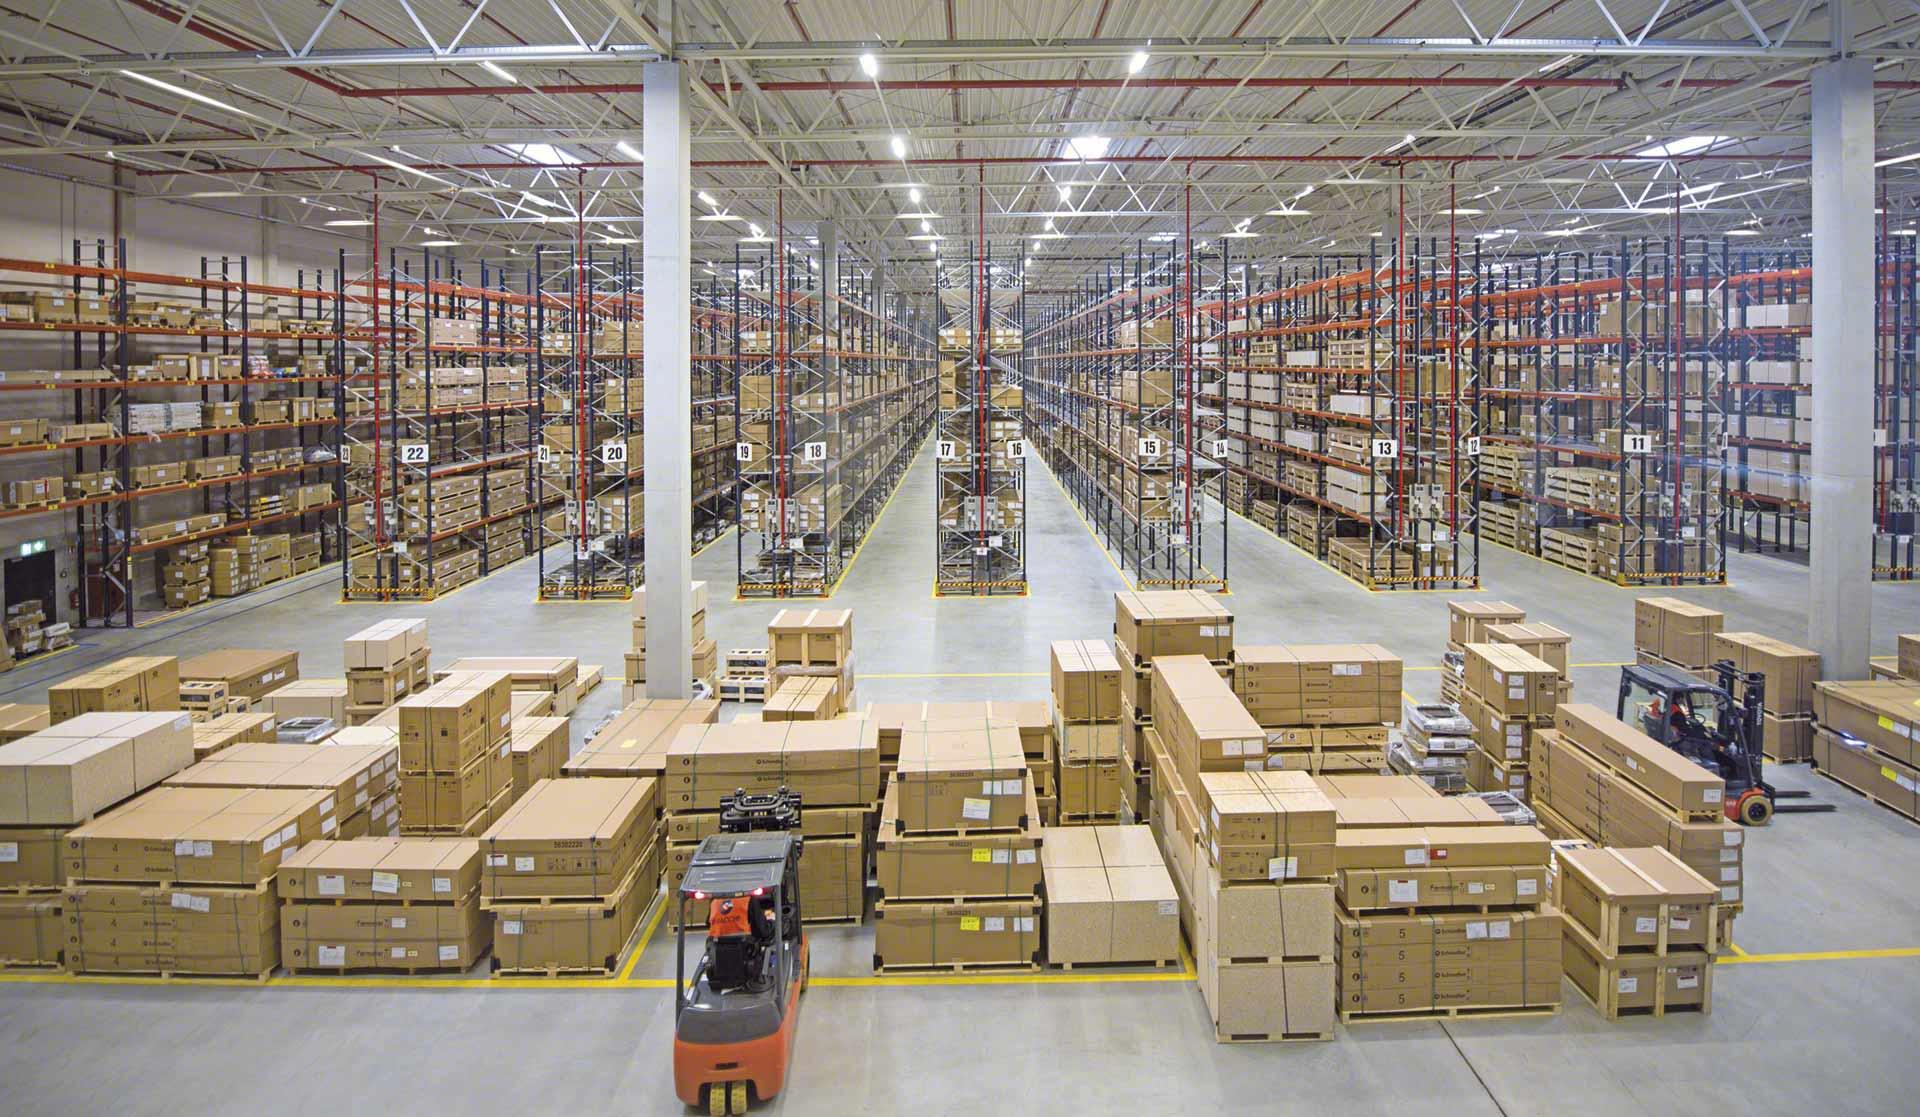 La logística de aprovisionamiento hace referencia a la adquisición y almacenamiento de mercadería